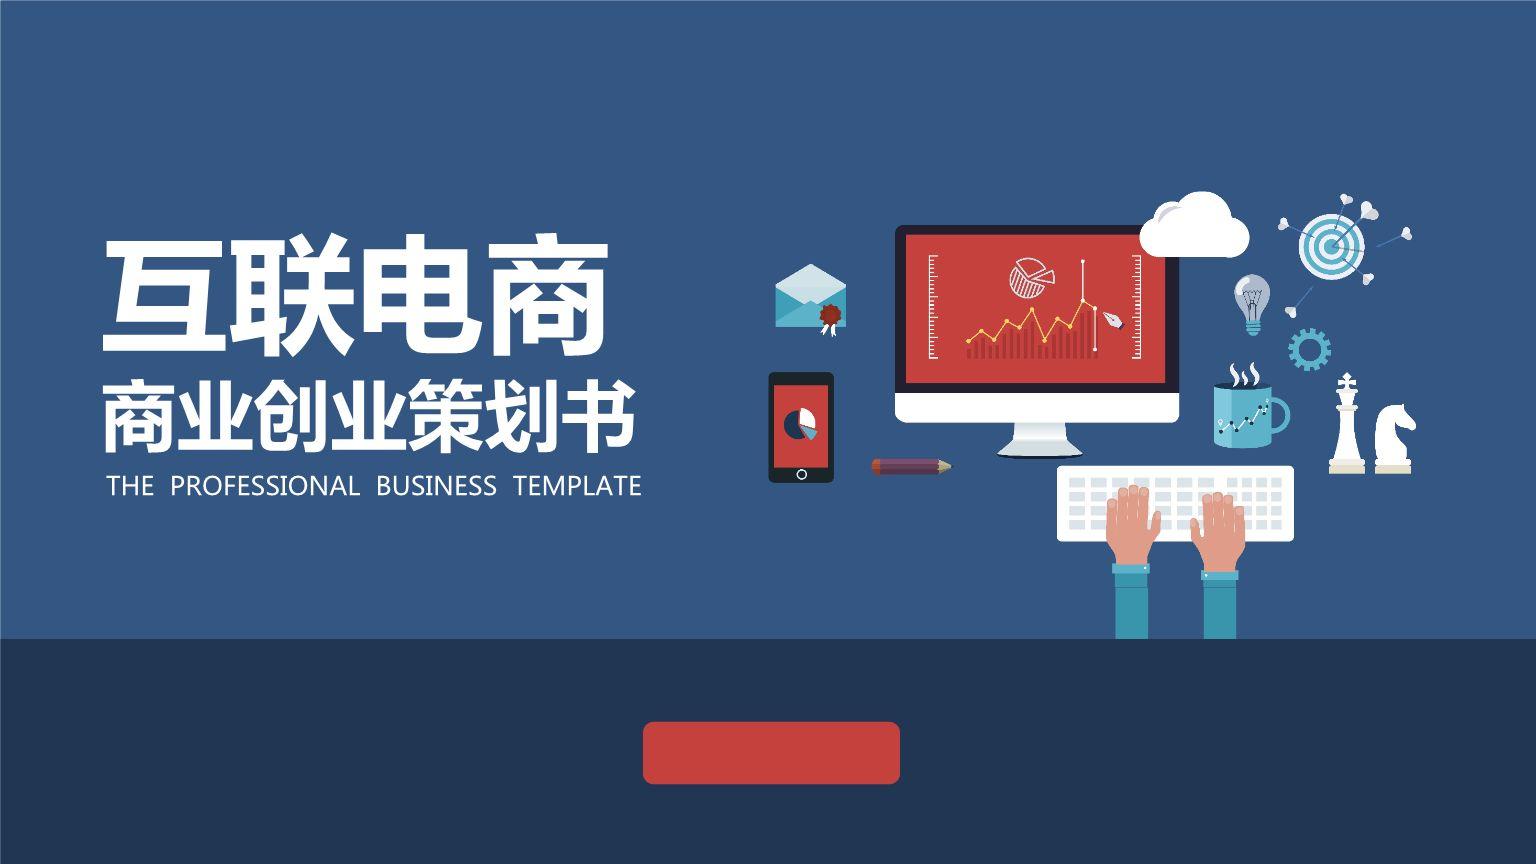 网站建设是企业网络营销的前提